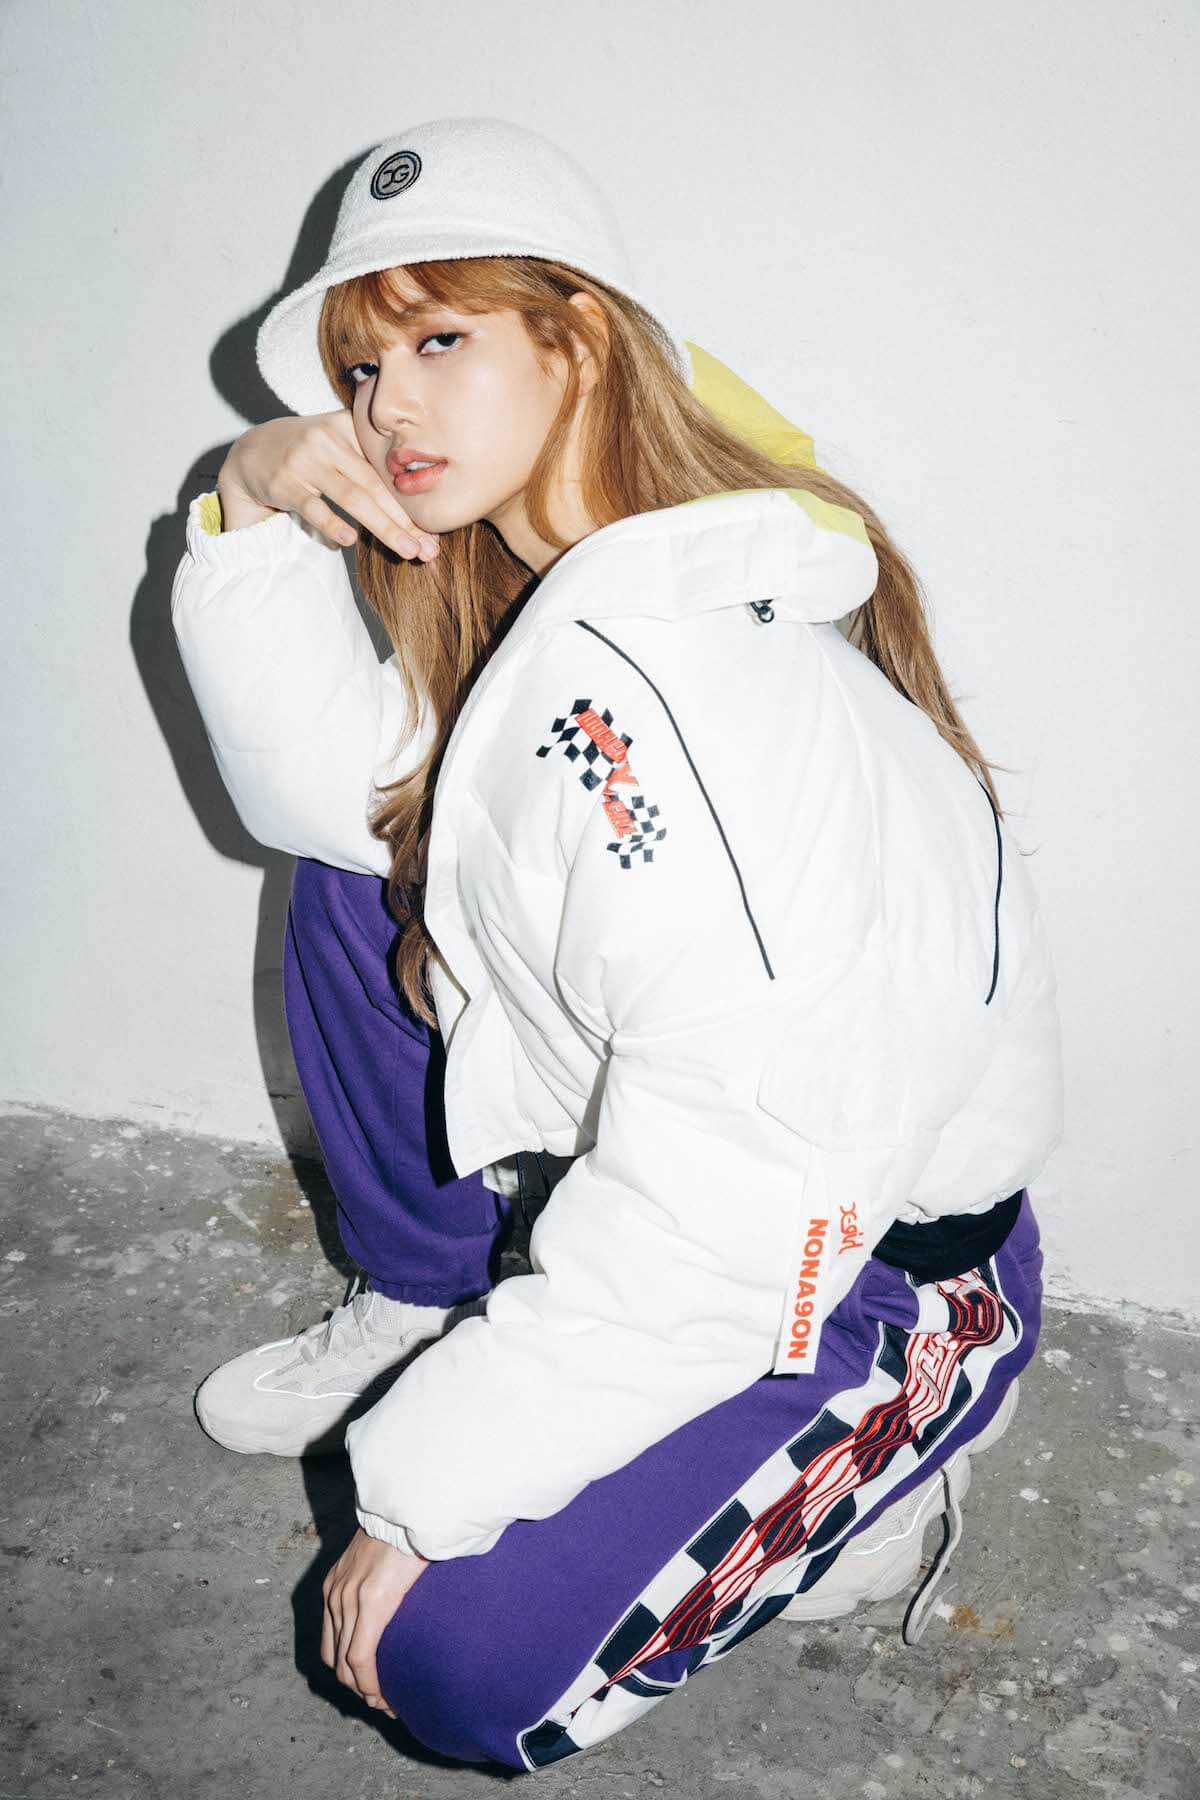 X girl image-5055